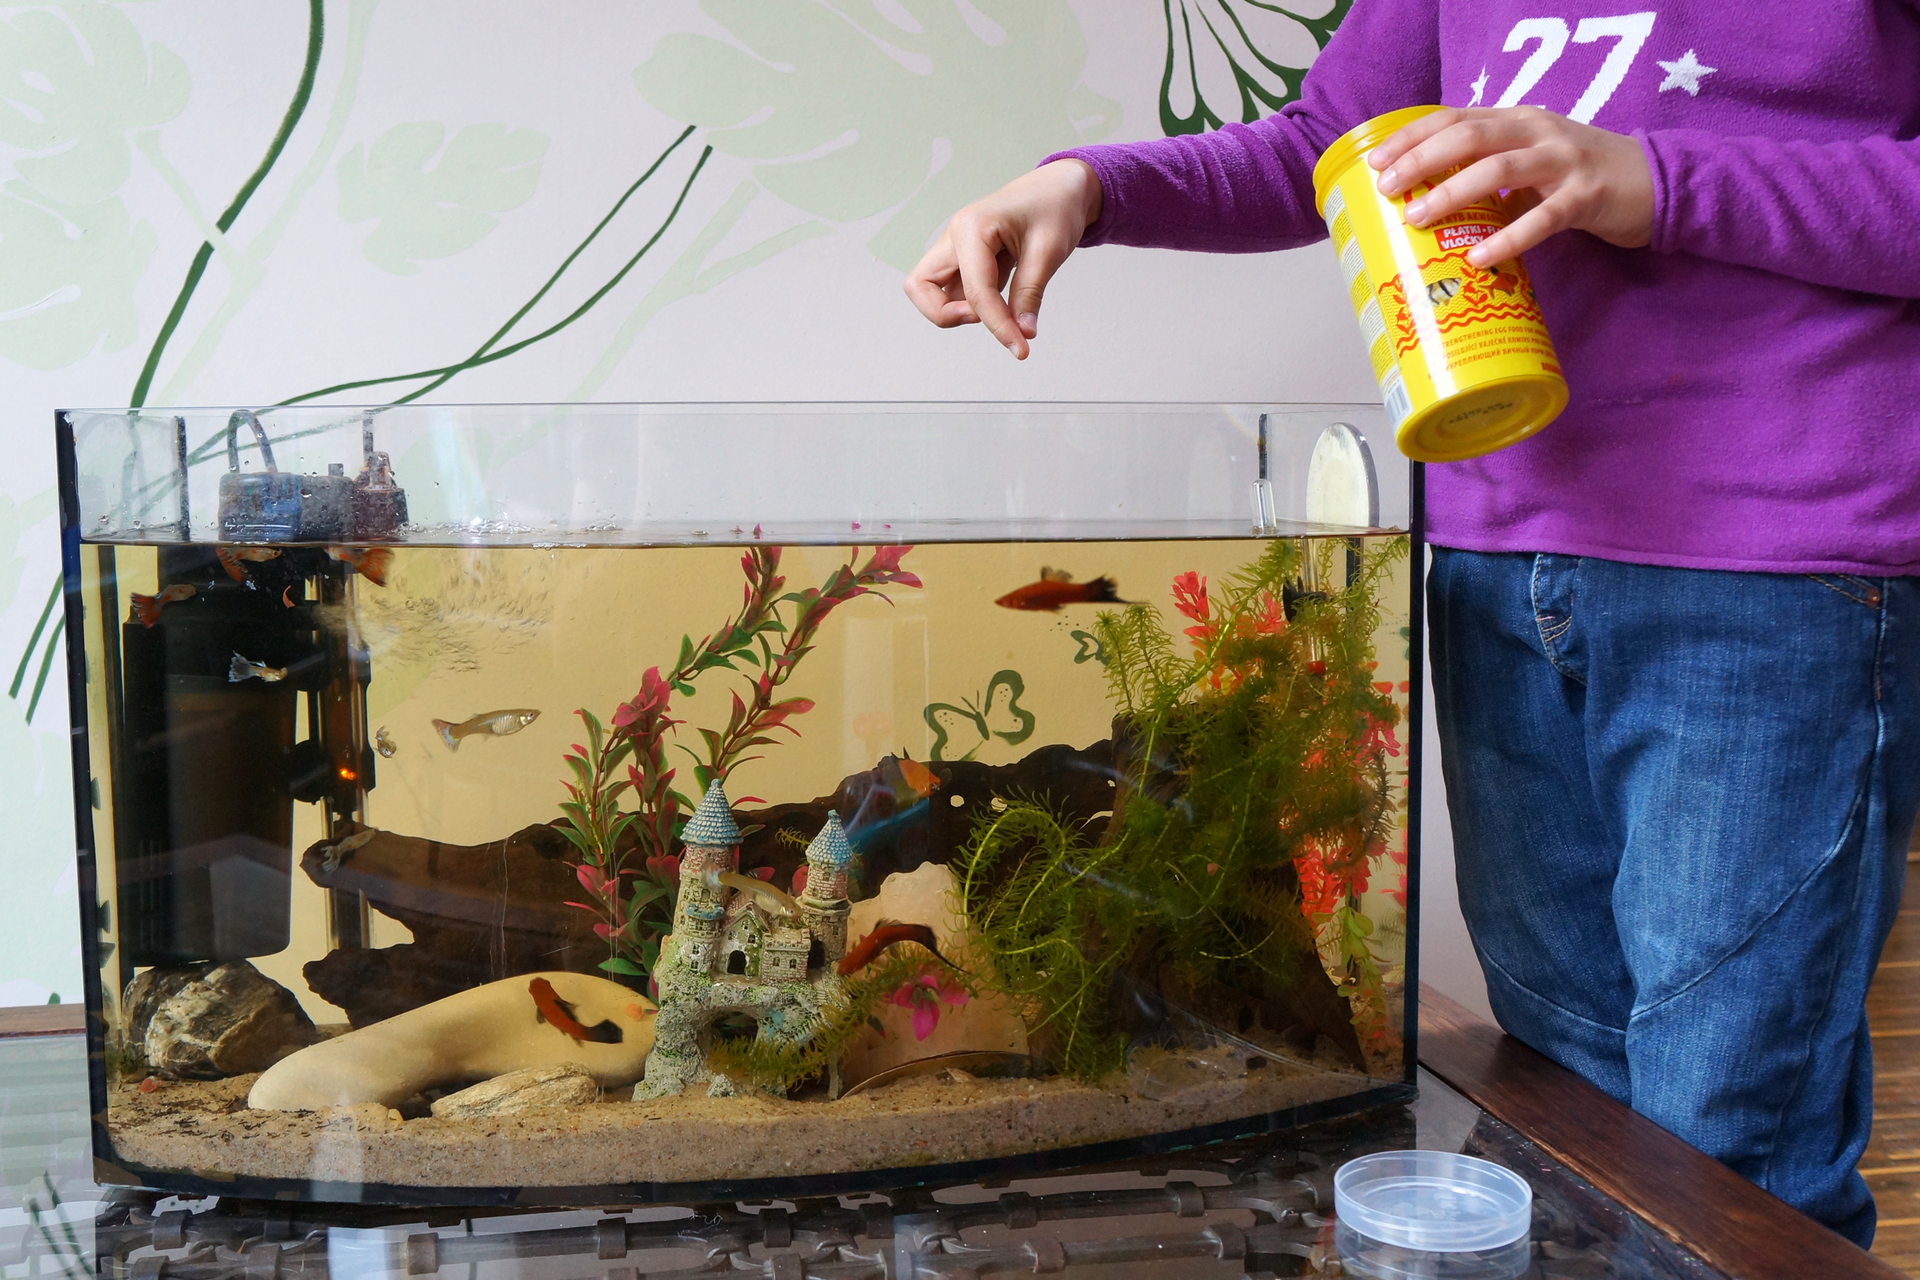 Slajd 5 – prezentuje niewielkie akwarium, do którego opiekun sypie pokarm.